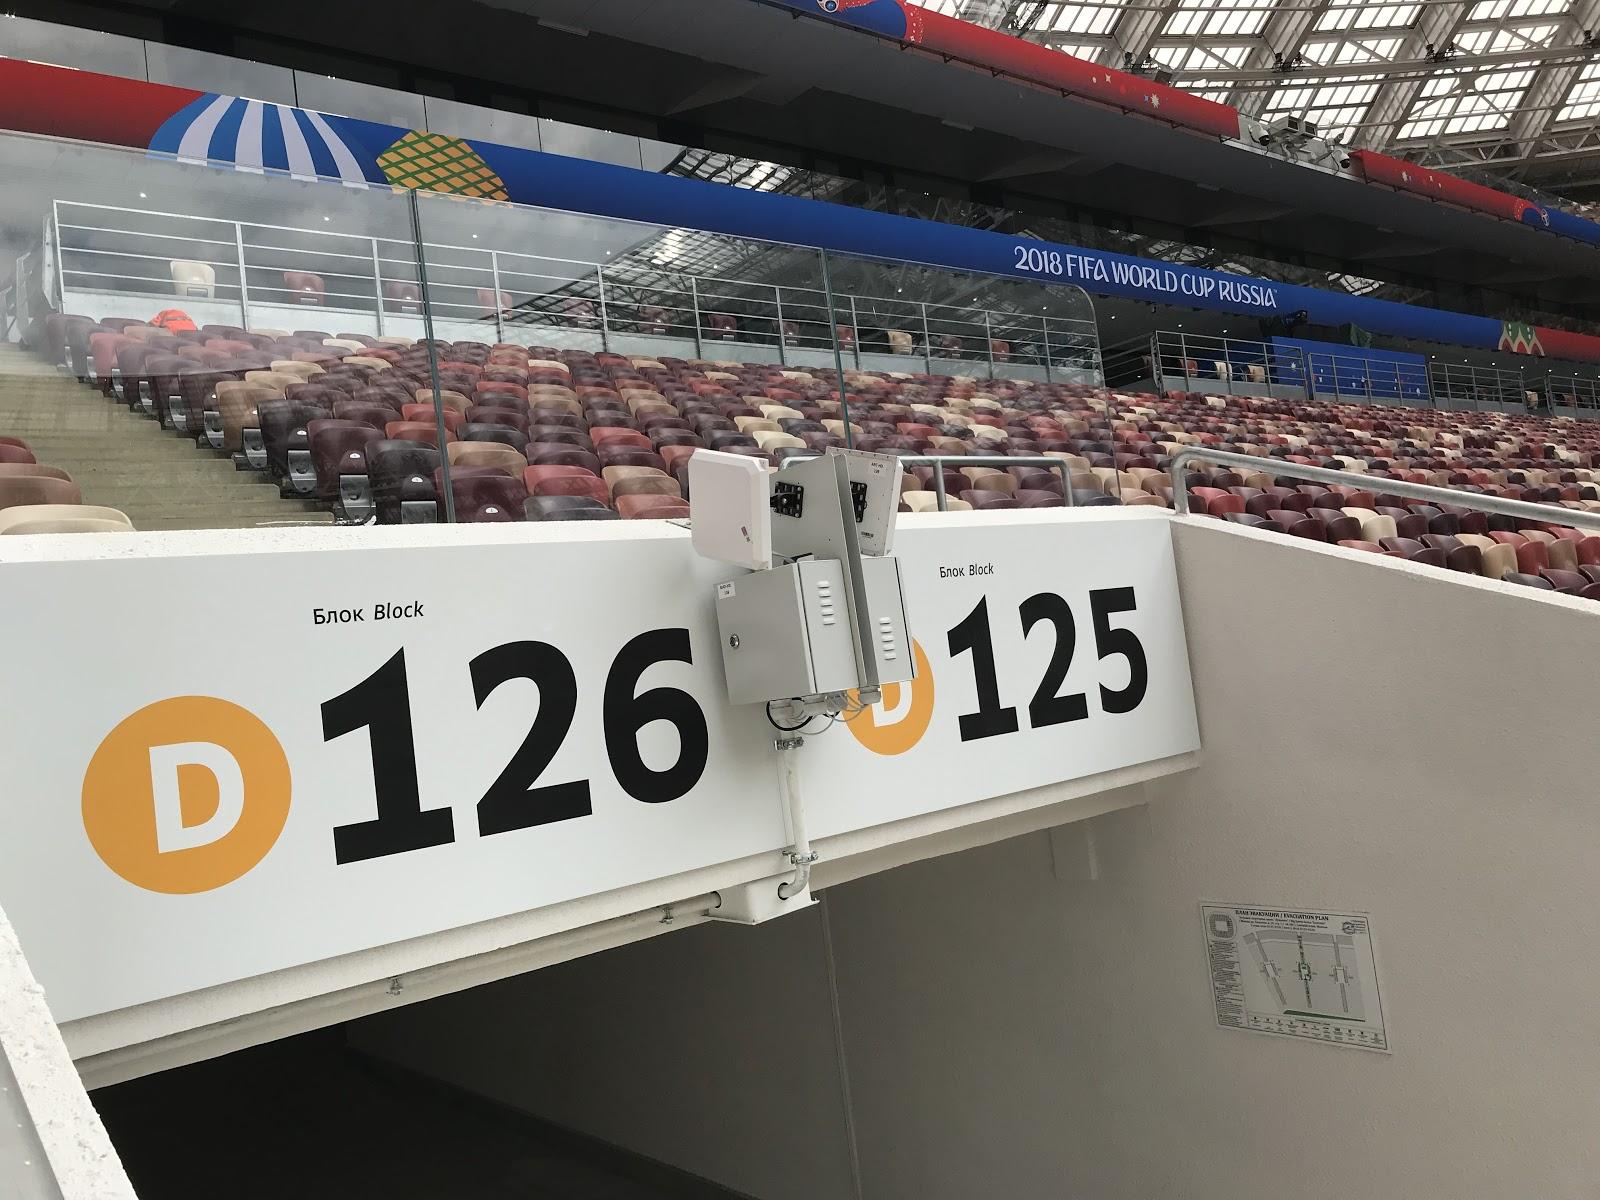 """Как мы обслуживали ИТ-инфраструктуру """"Лужников"""" во время Чемпионата мира - 11"""